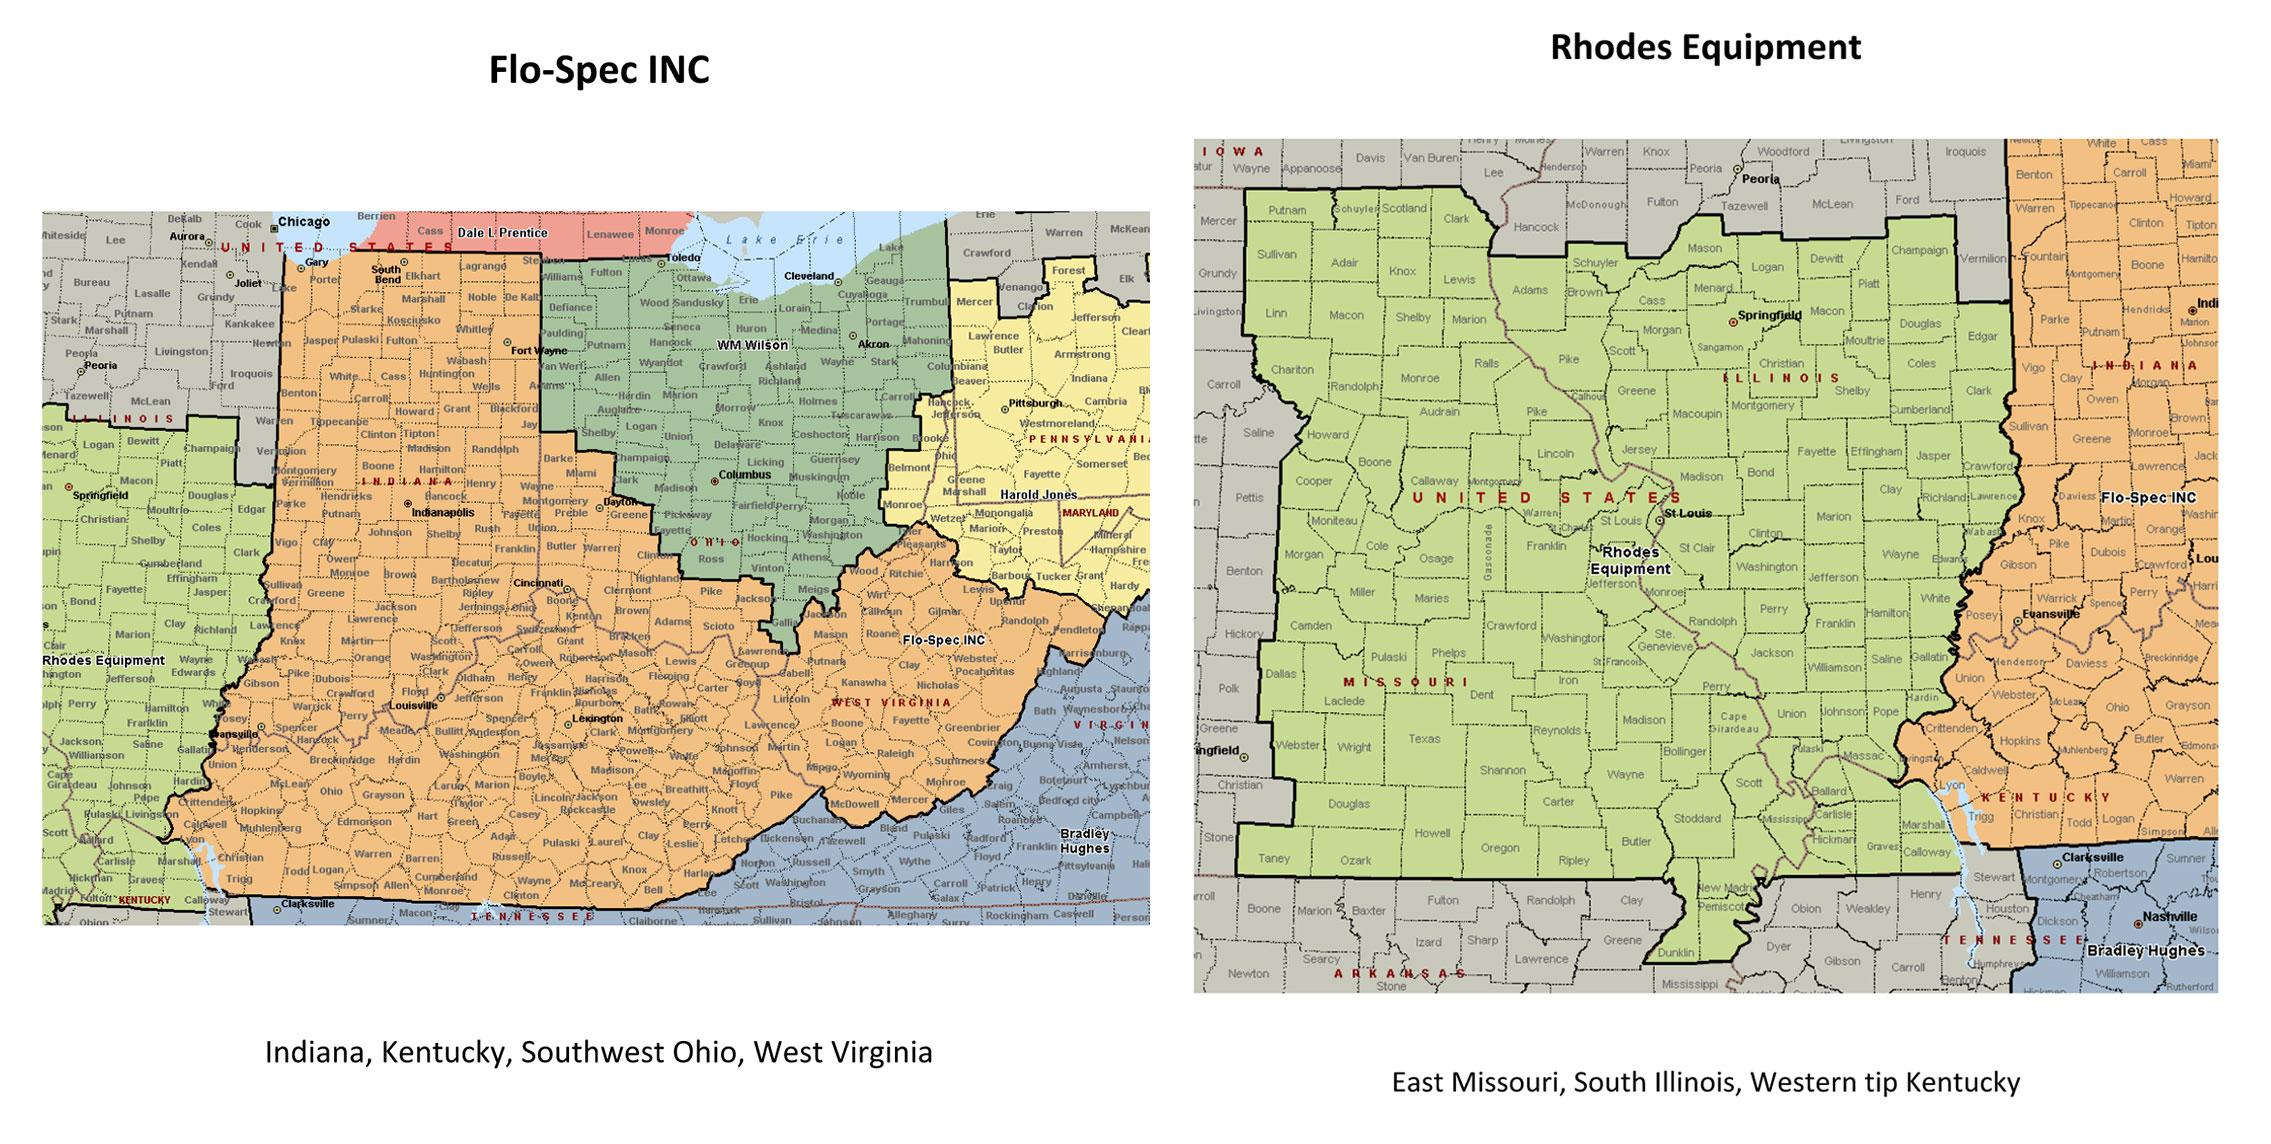 Adsco reps in Kentucky